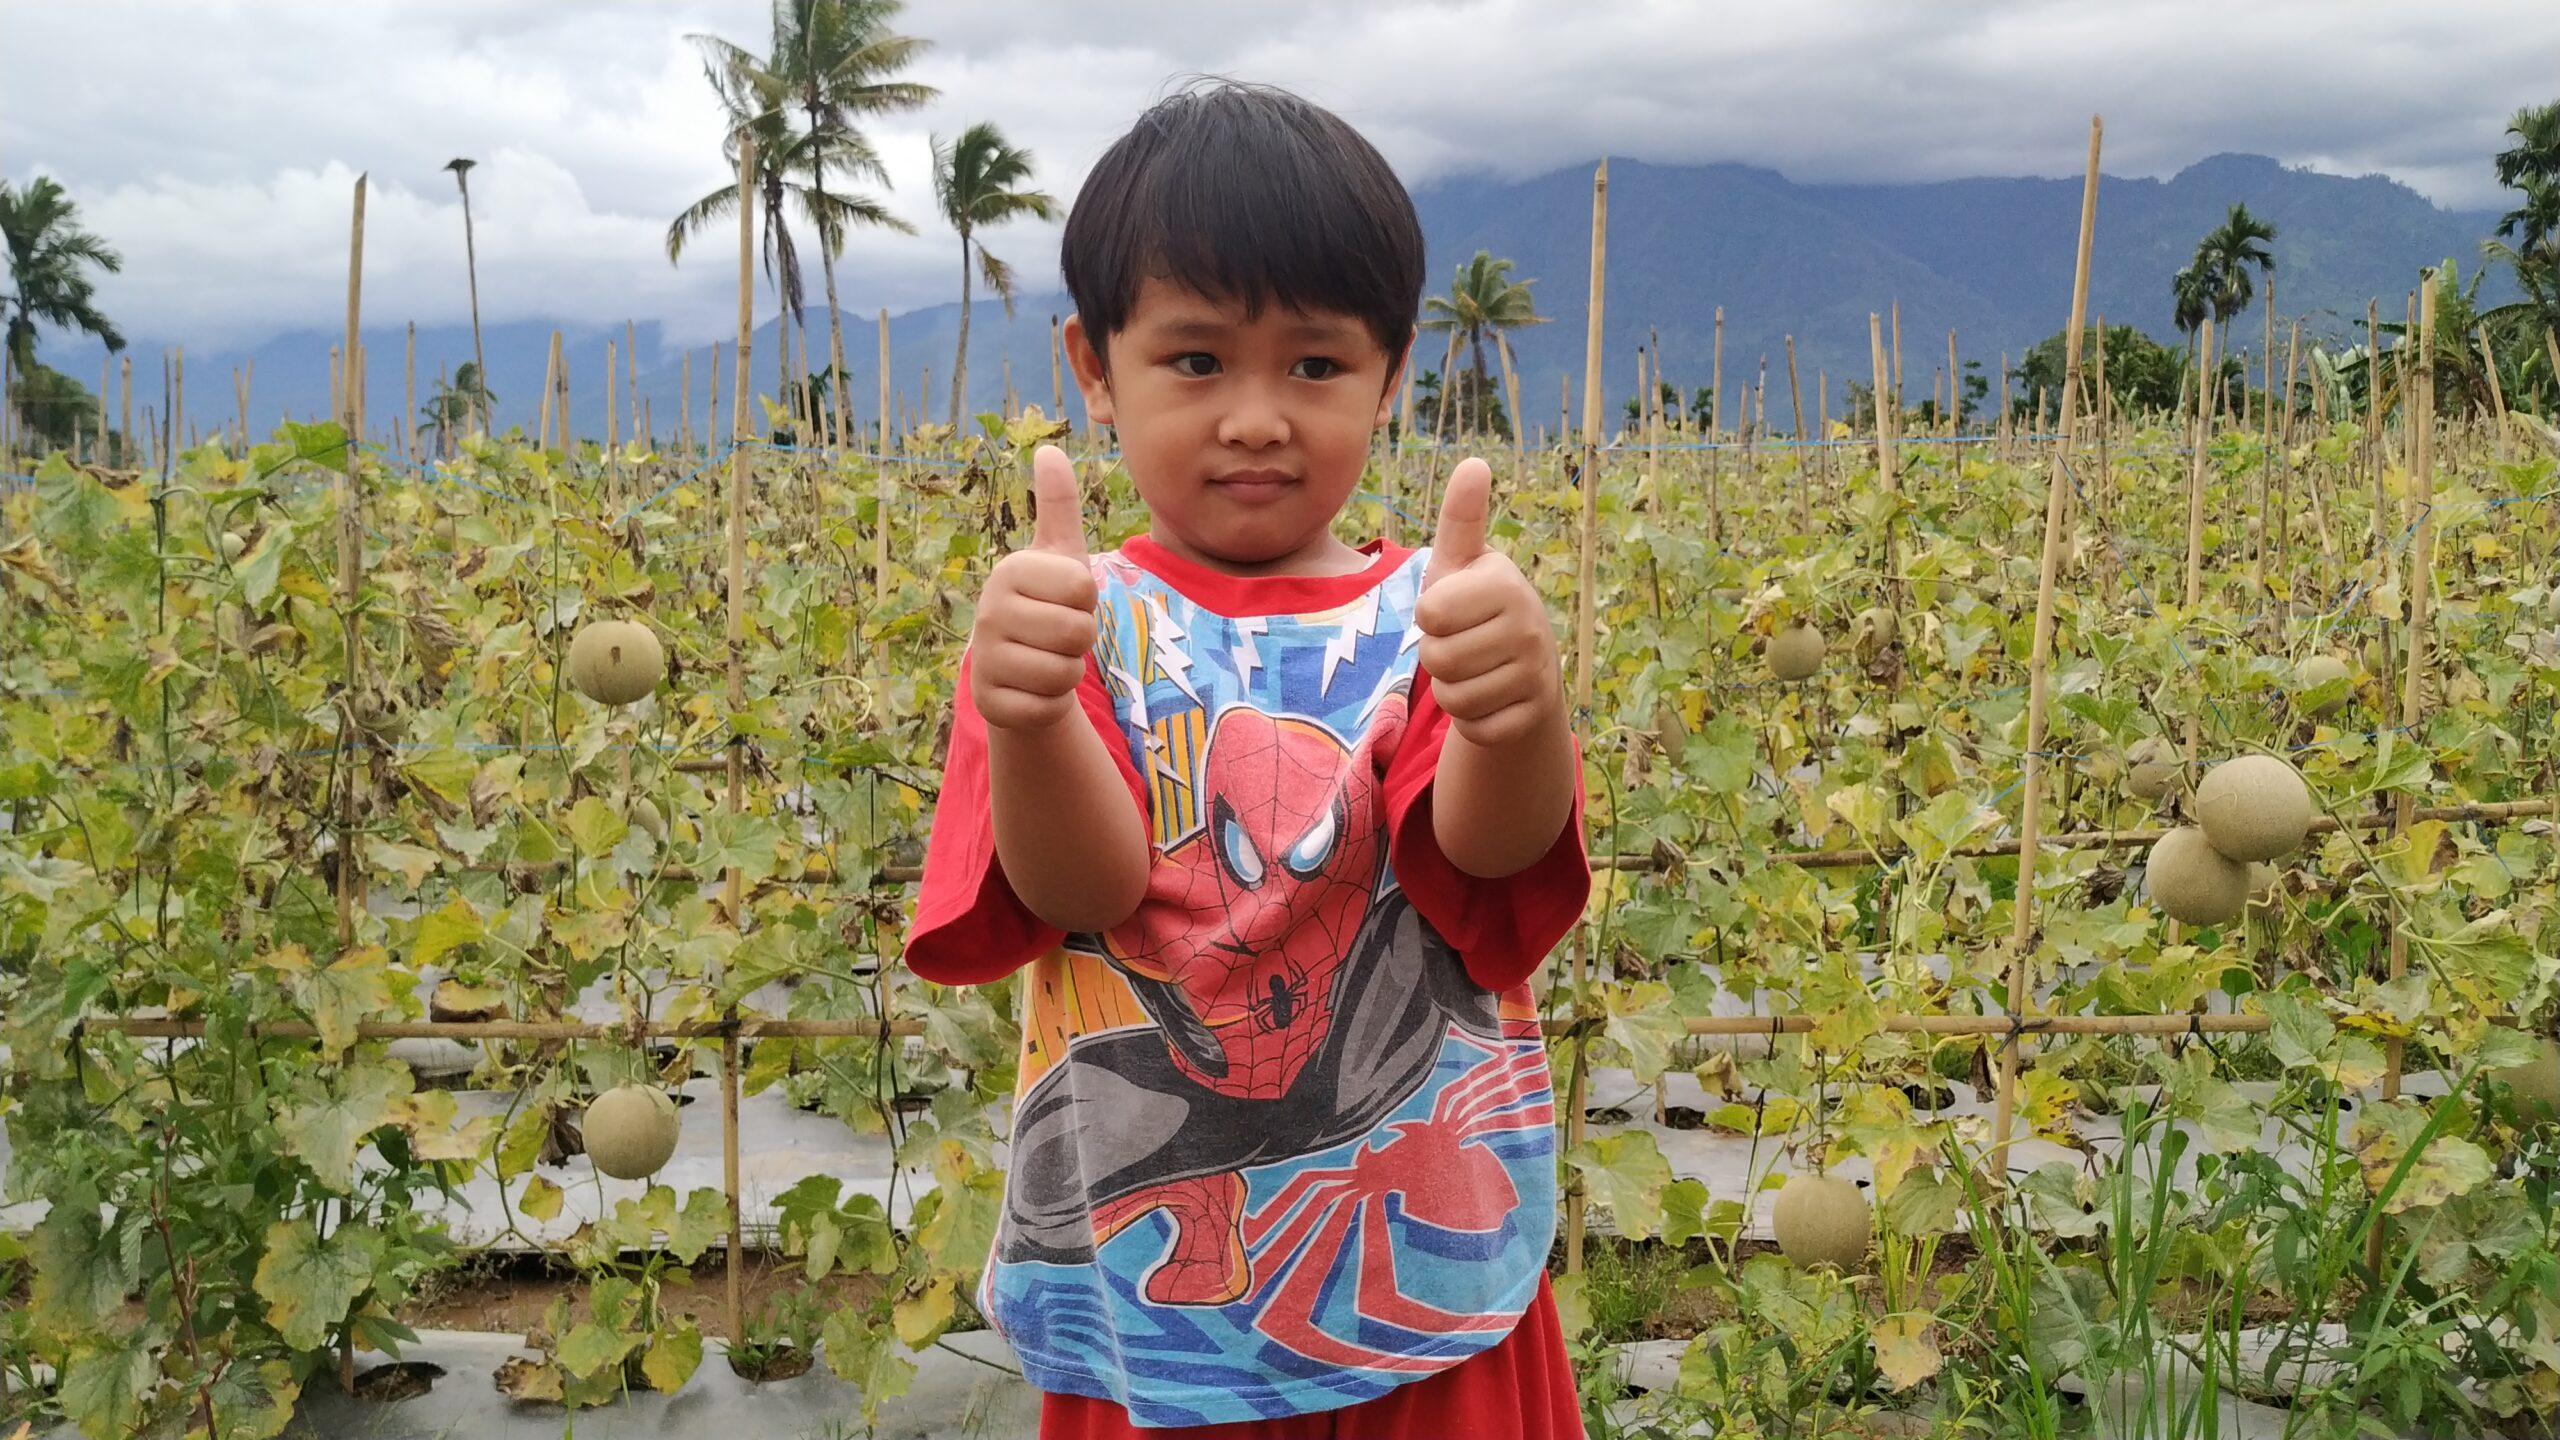 Kebun Melon Di Lebong, Mendadak Viral Jadi Agrowisata